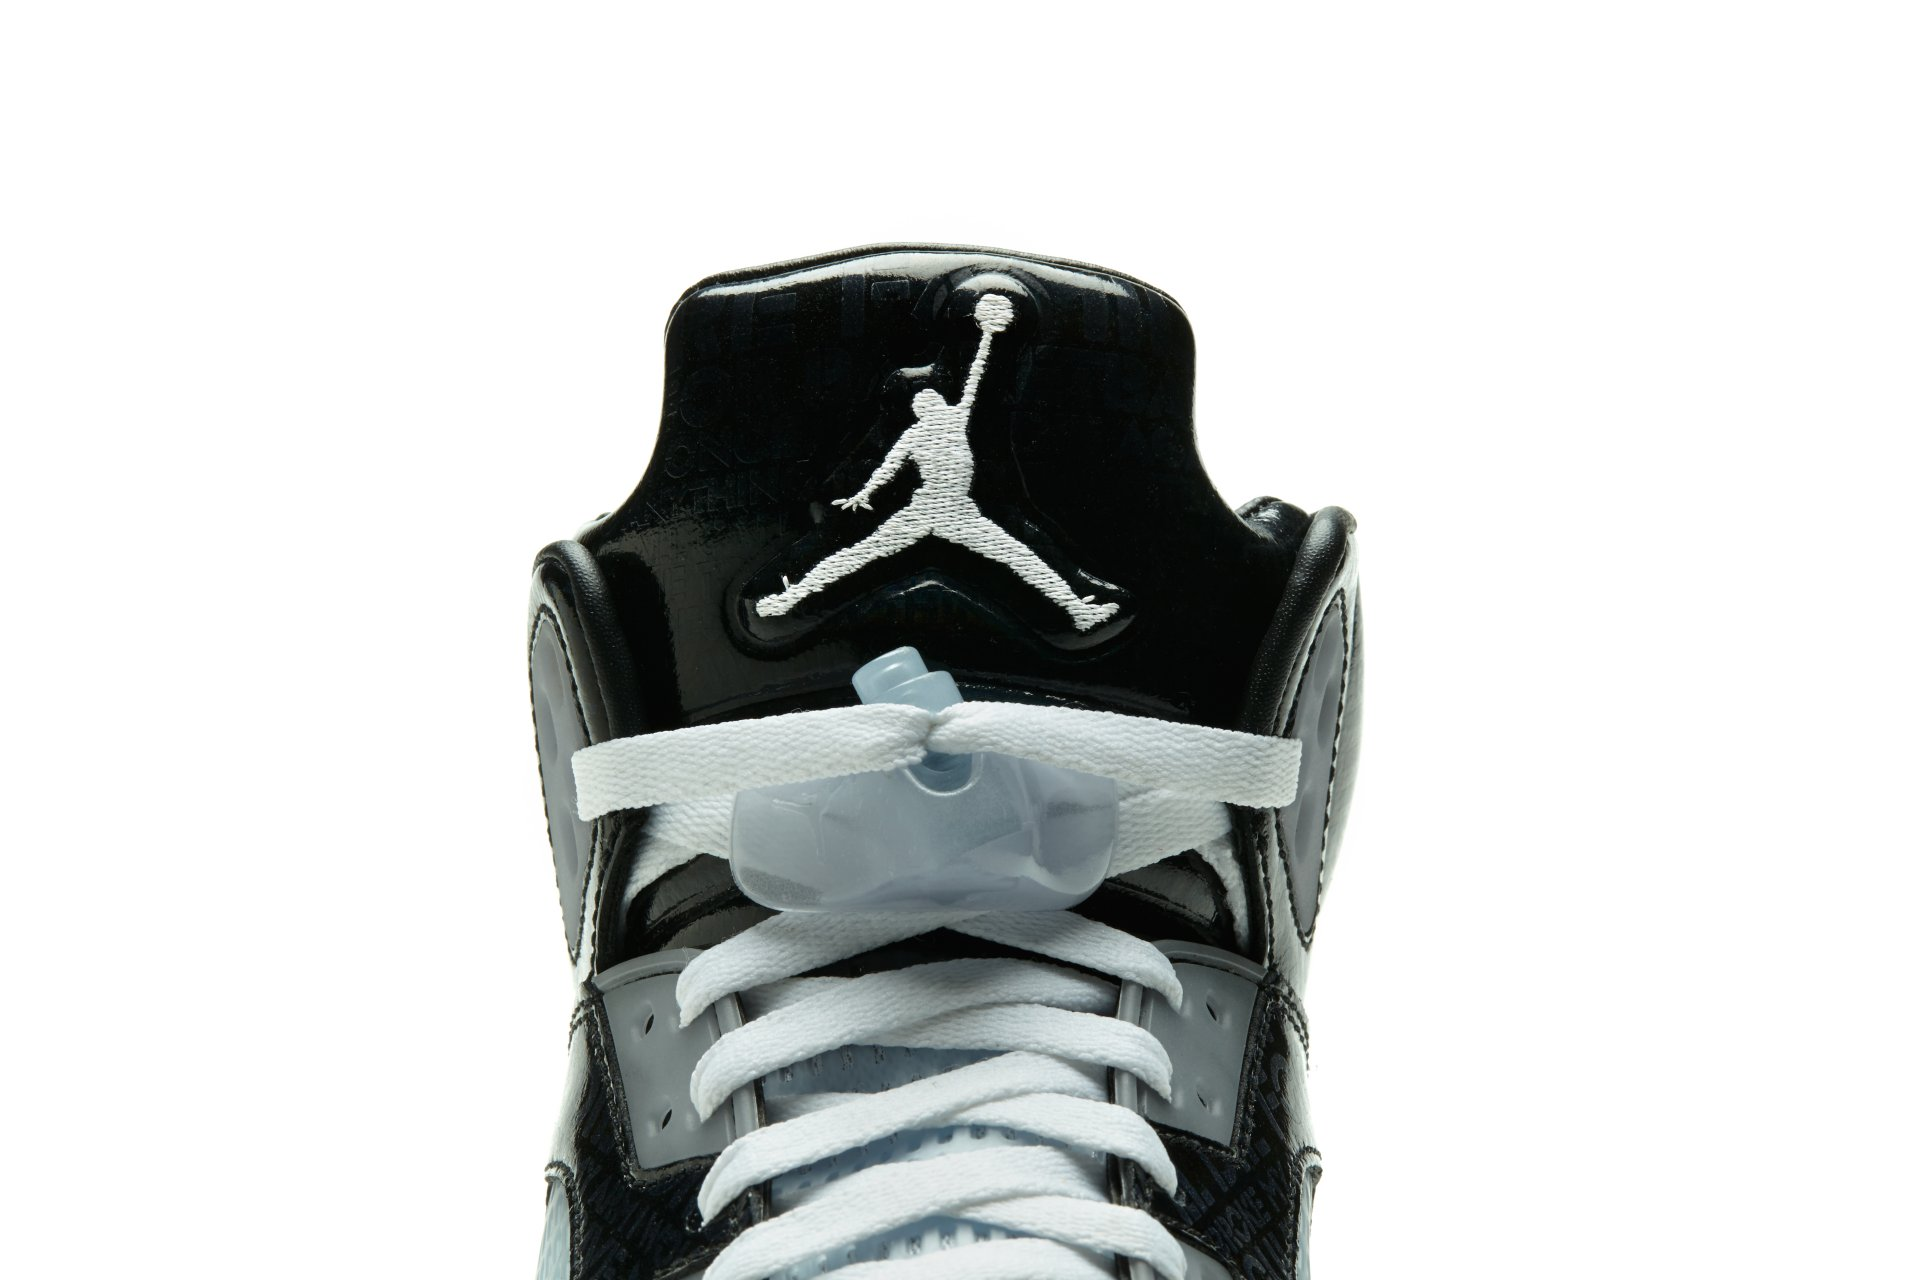 hot sales f564d f41c0 Air Jordan V (5) Retro Doernbecher - Official Images